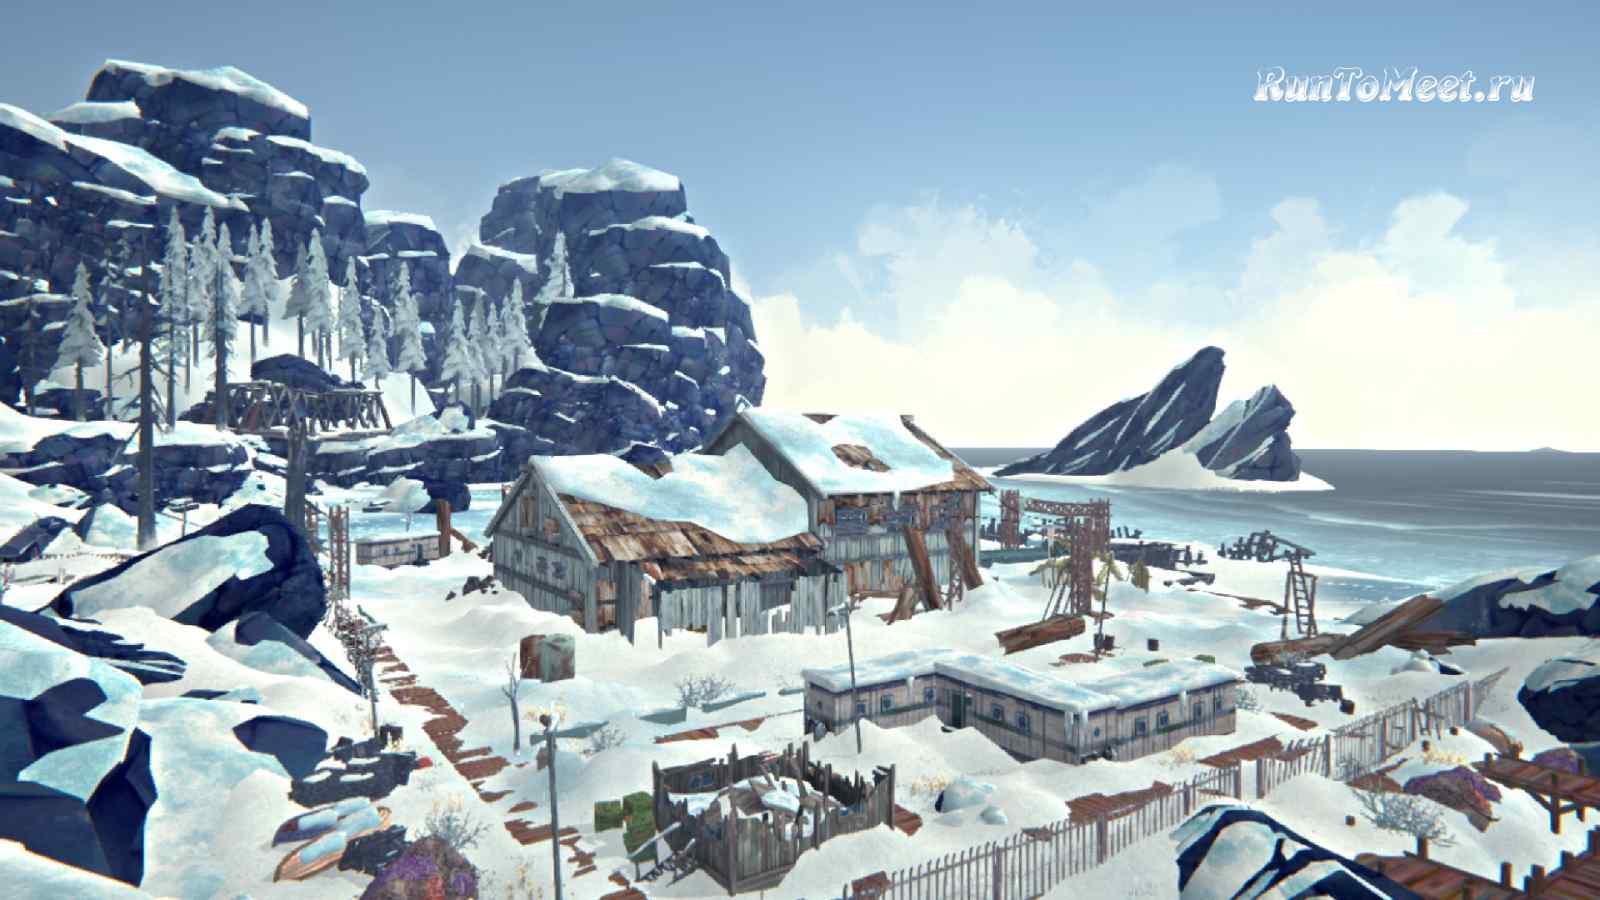 Китобойная станция, на локации Зона Запустения, в игре The long dark